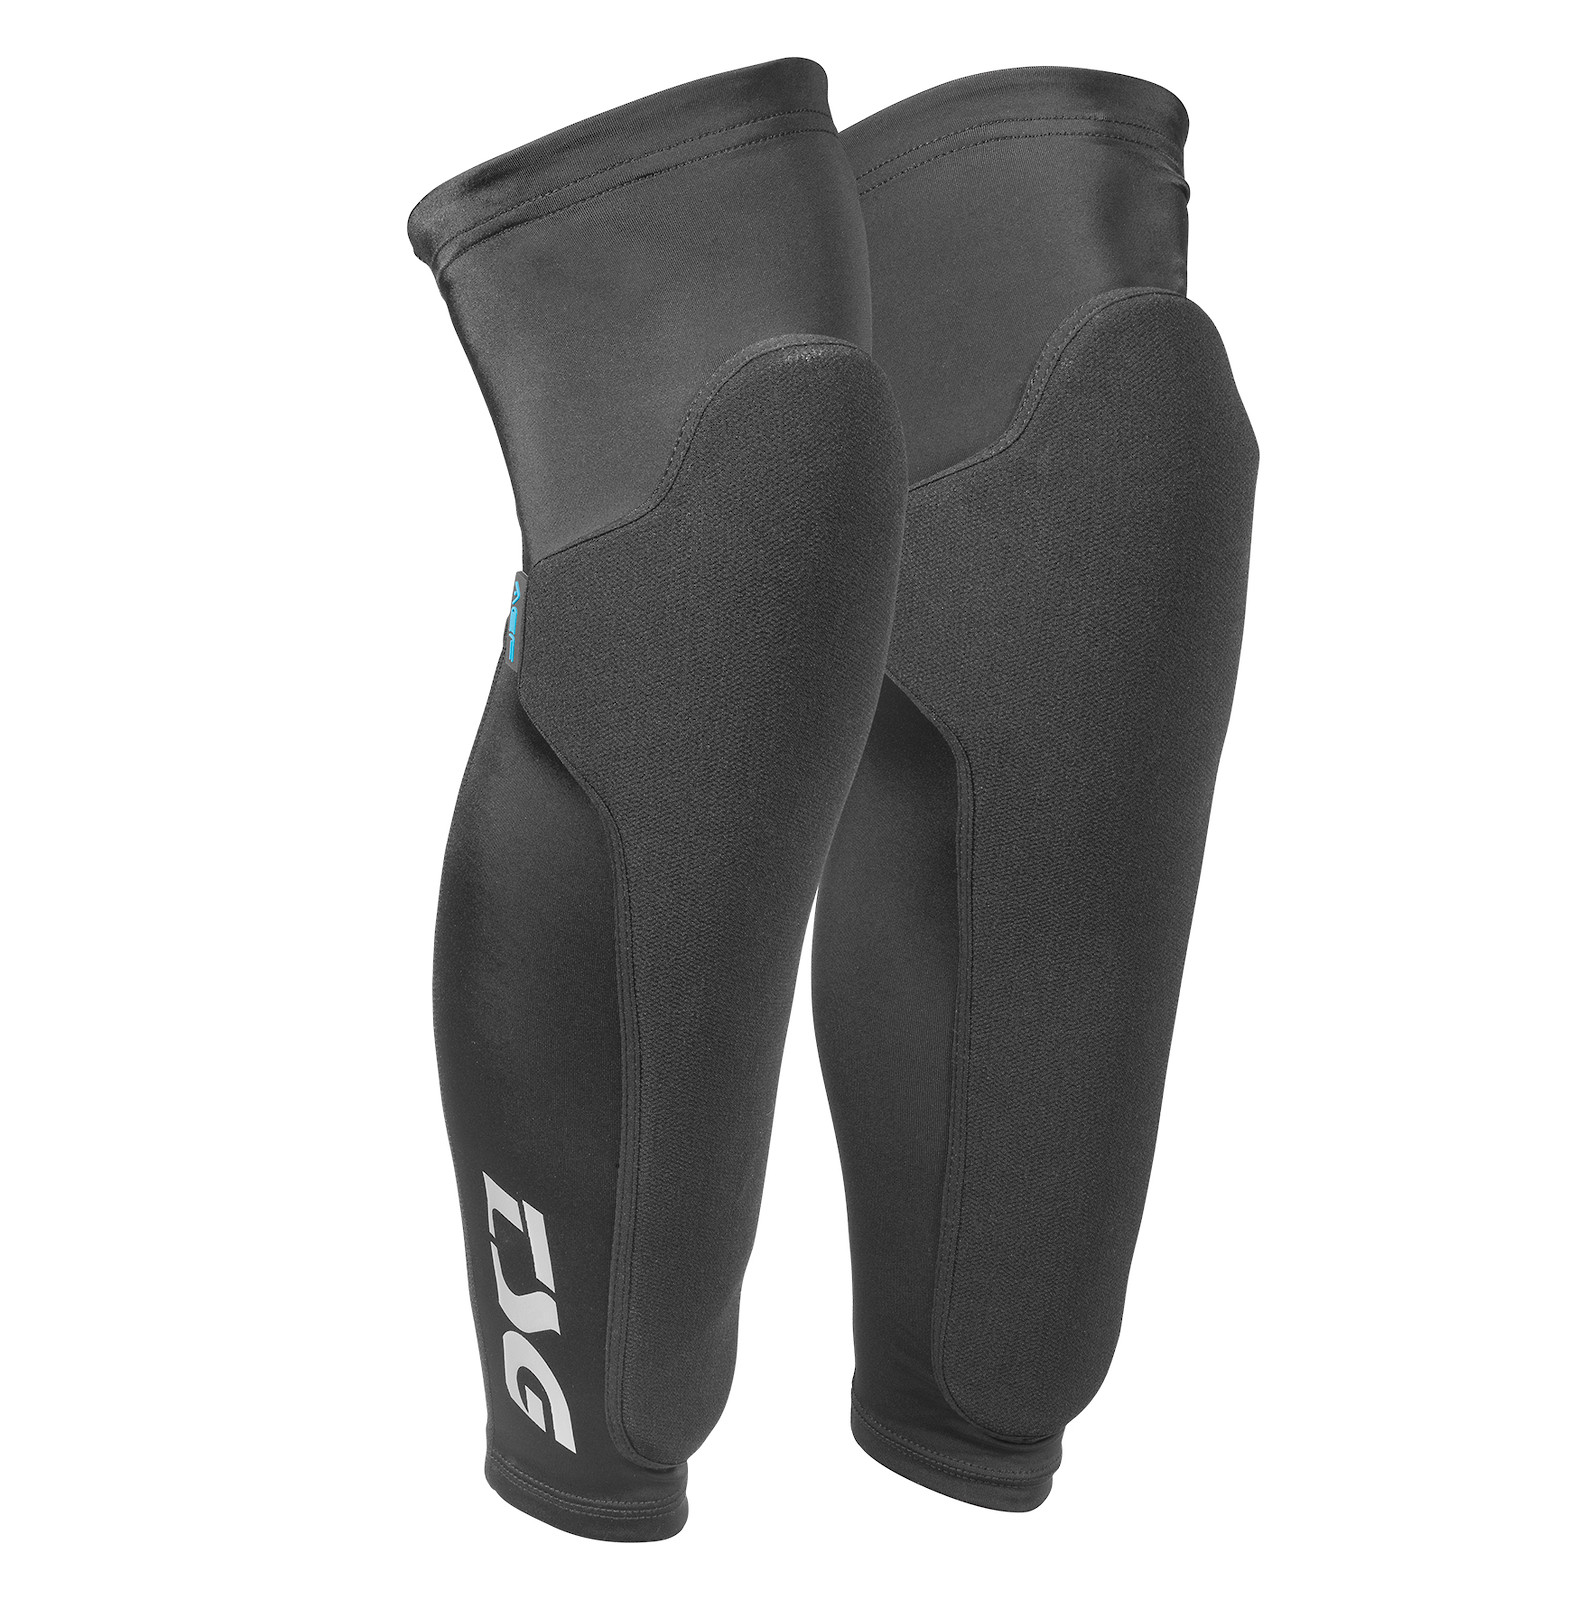 TSG Dermis Pro A Knee/Shin Pad